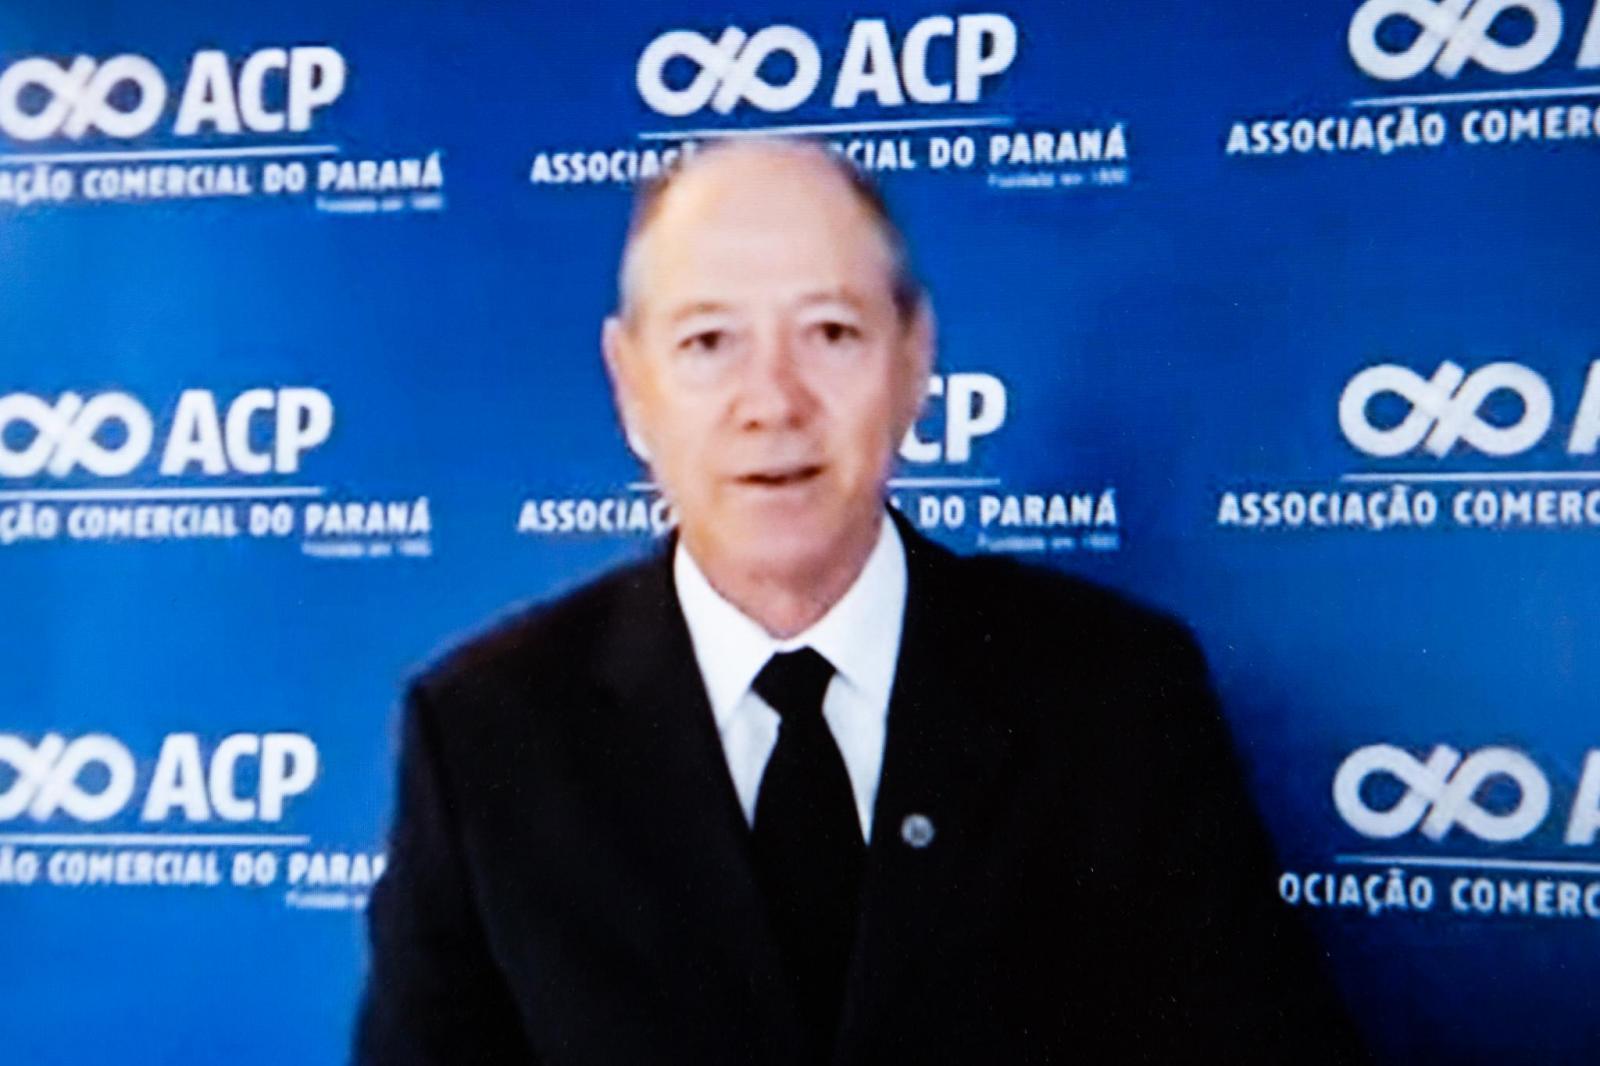 Na Tribuna Livre, vereadores recebem sugestões da ACP contra pandemia